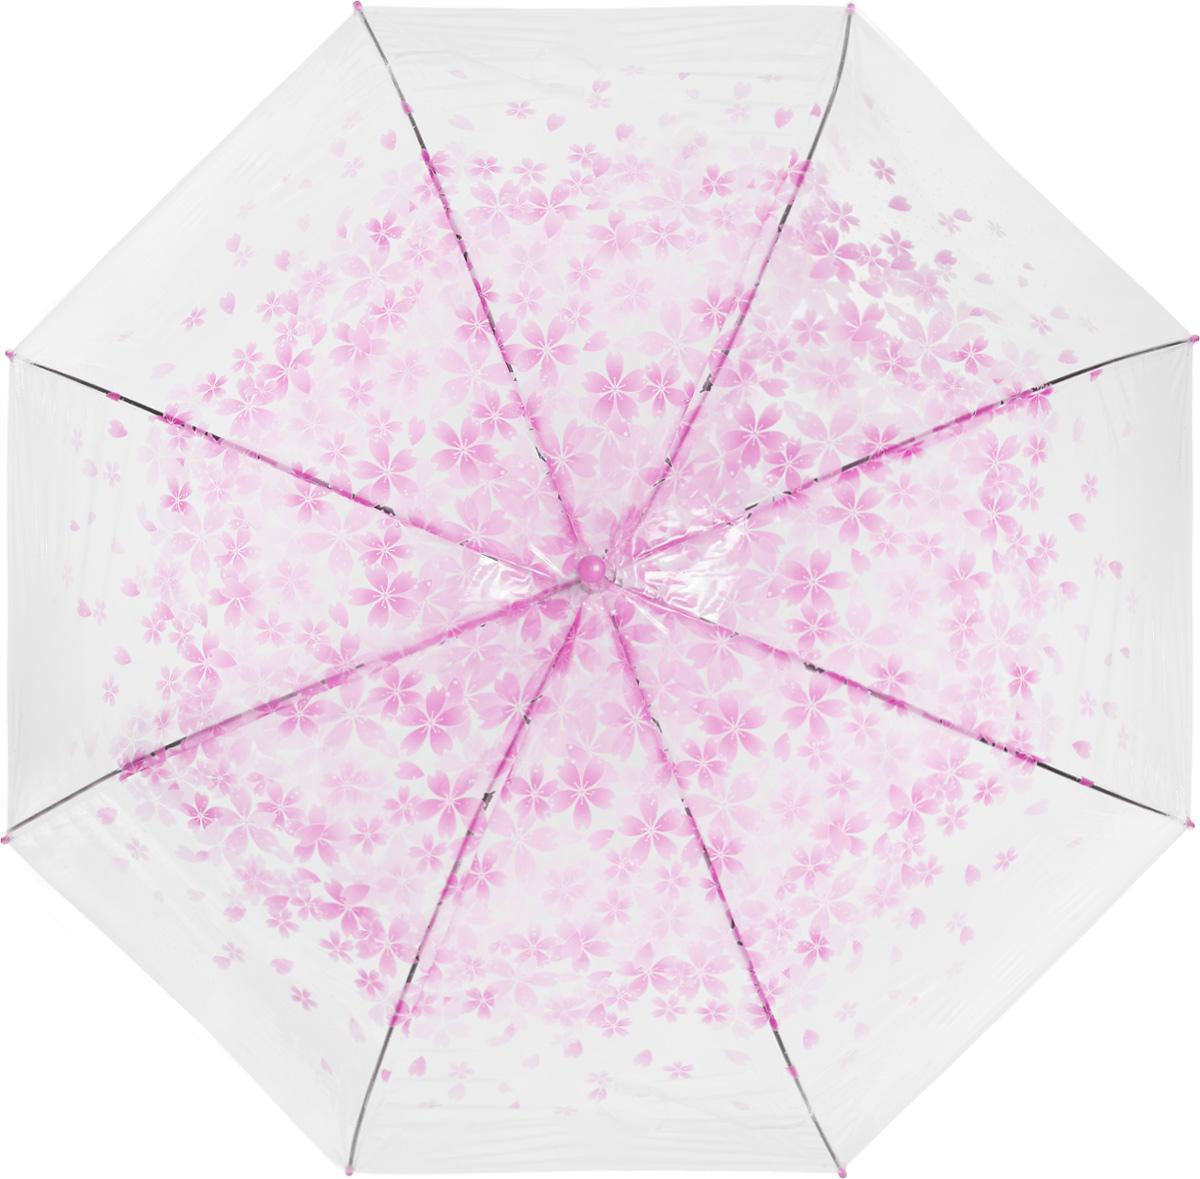 Зонт женский Эврика, цвет: прозрачный, розовый. 9750697506Зонт-трость Эврика выполнен из прозрачного полиэтилена и оформлен цветочным принтом. Благодаря своему изяществу и утонченности орнамента он способен украсить даже самый пасмурный день. Лёгкий, практичный зонт-полуавтомат послужит верным спутником дамы, желающей выглядеть стильно в любую погоду.